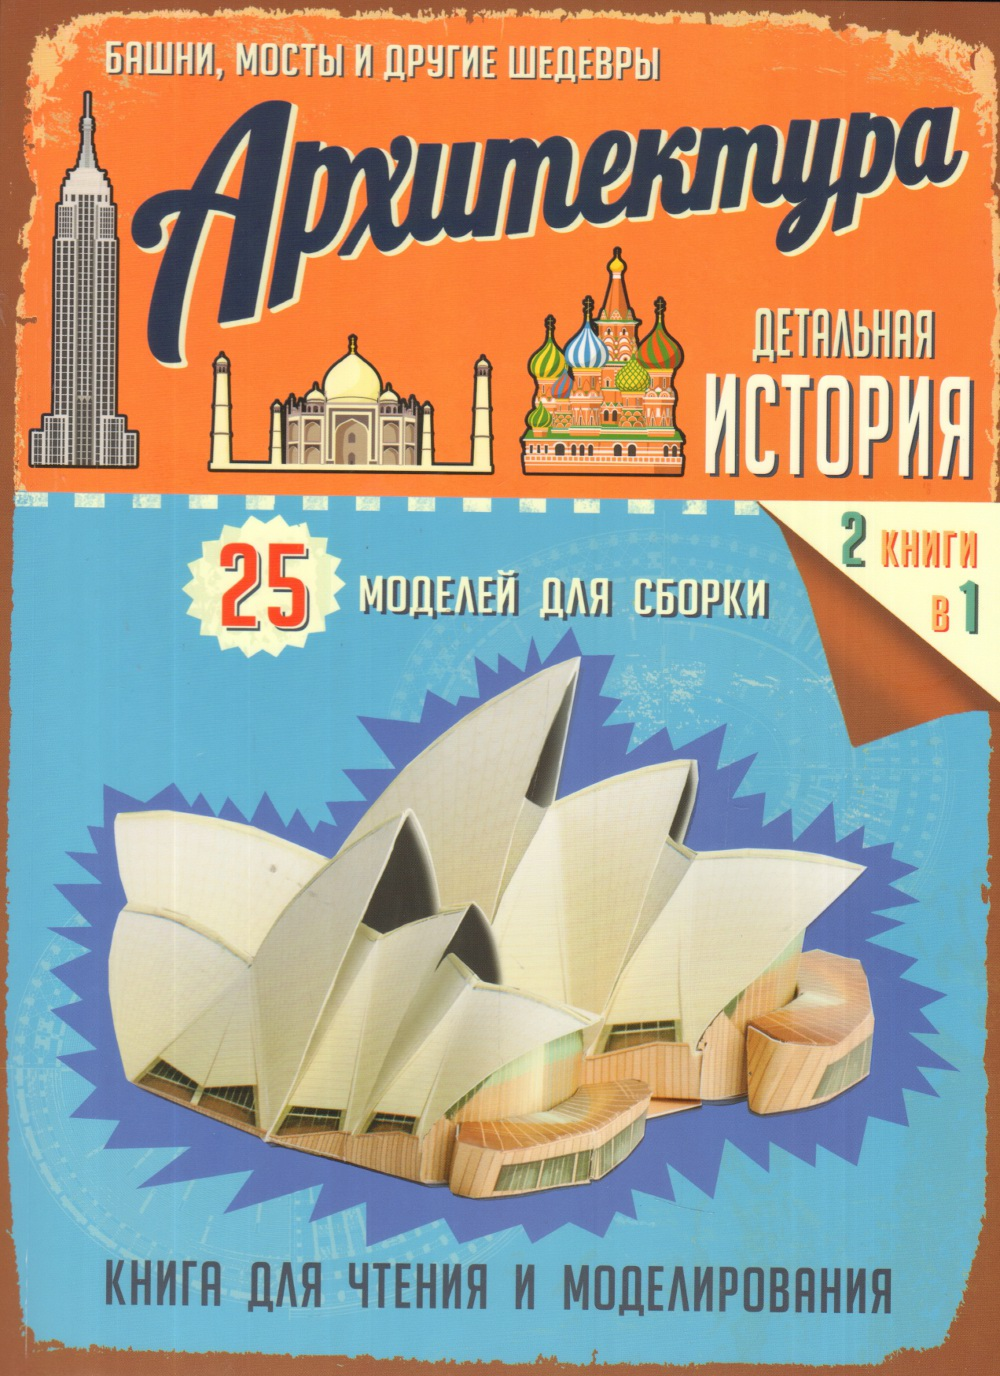 Купить Детальная история. Архитектура, Тони Чемпен, 978-5-9287-2761-1